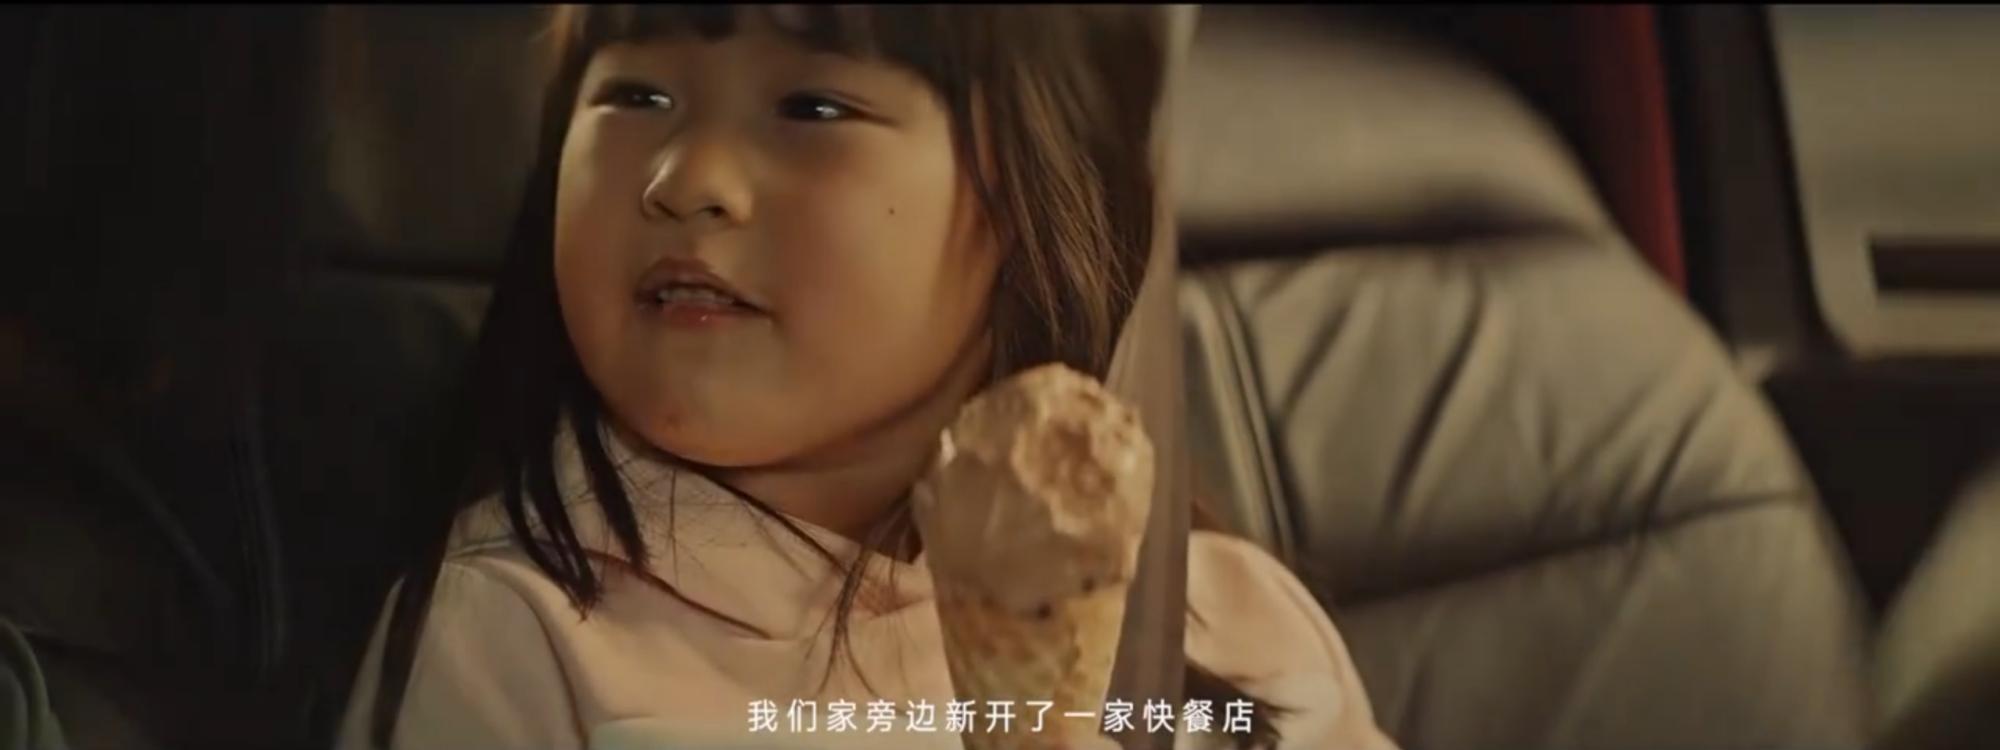 郎平女儿2岁她回国执教,白浪盼她去隔壁快餐店上班,郎平热泪盈眶